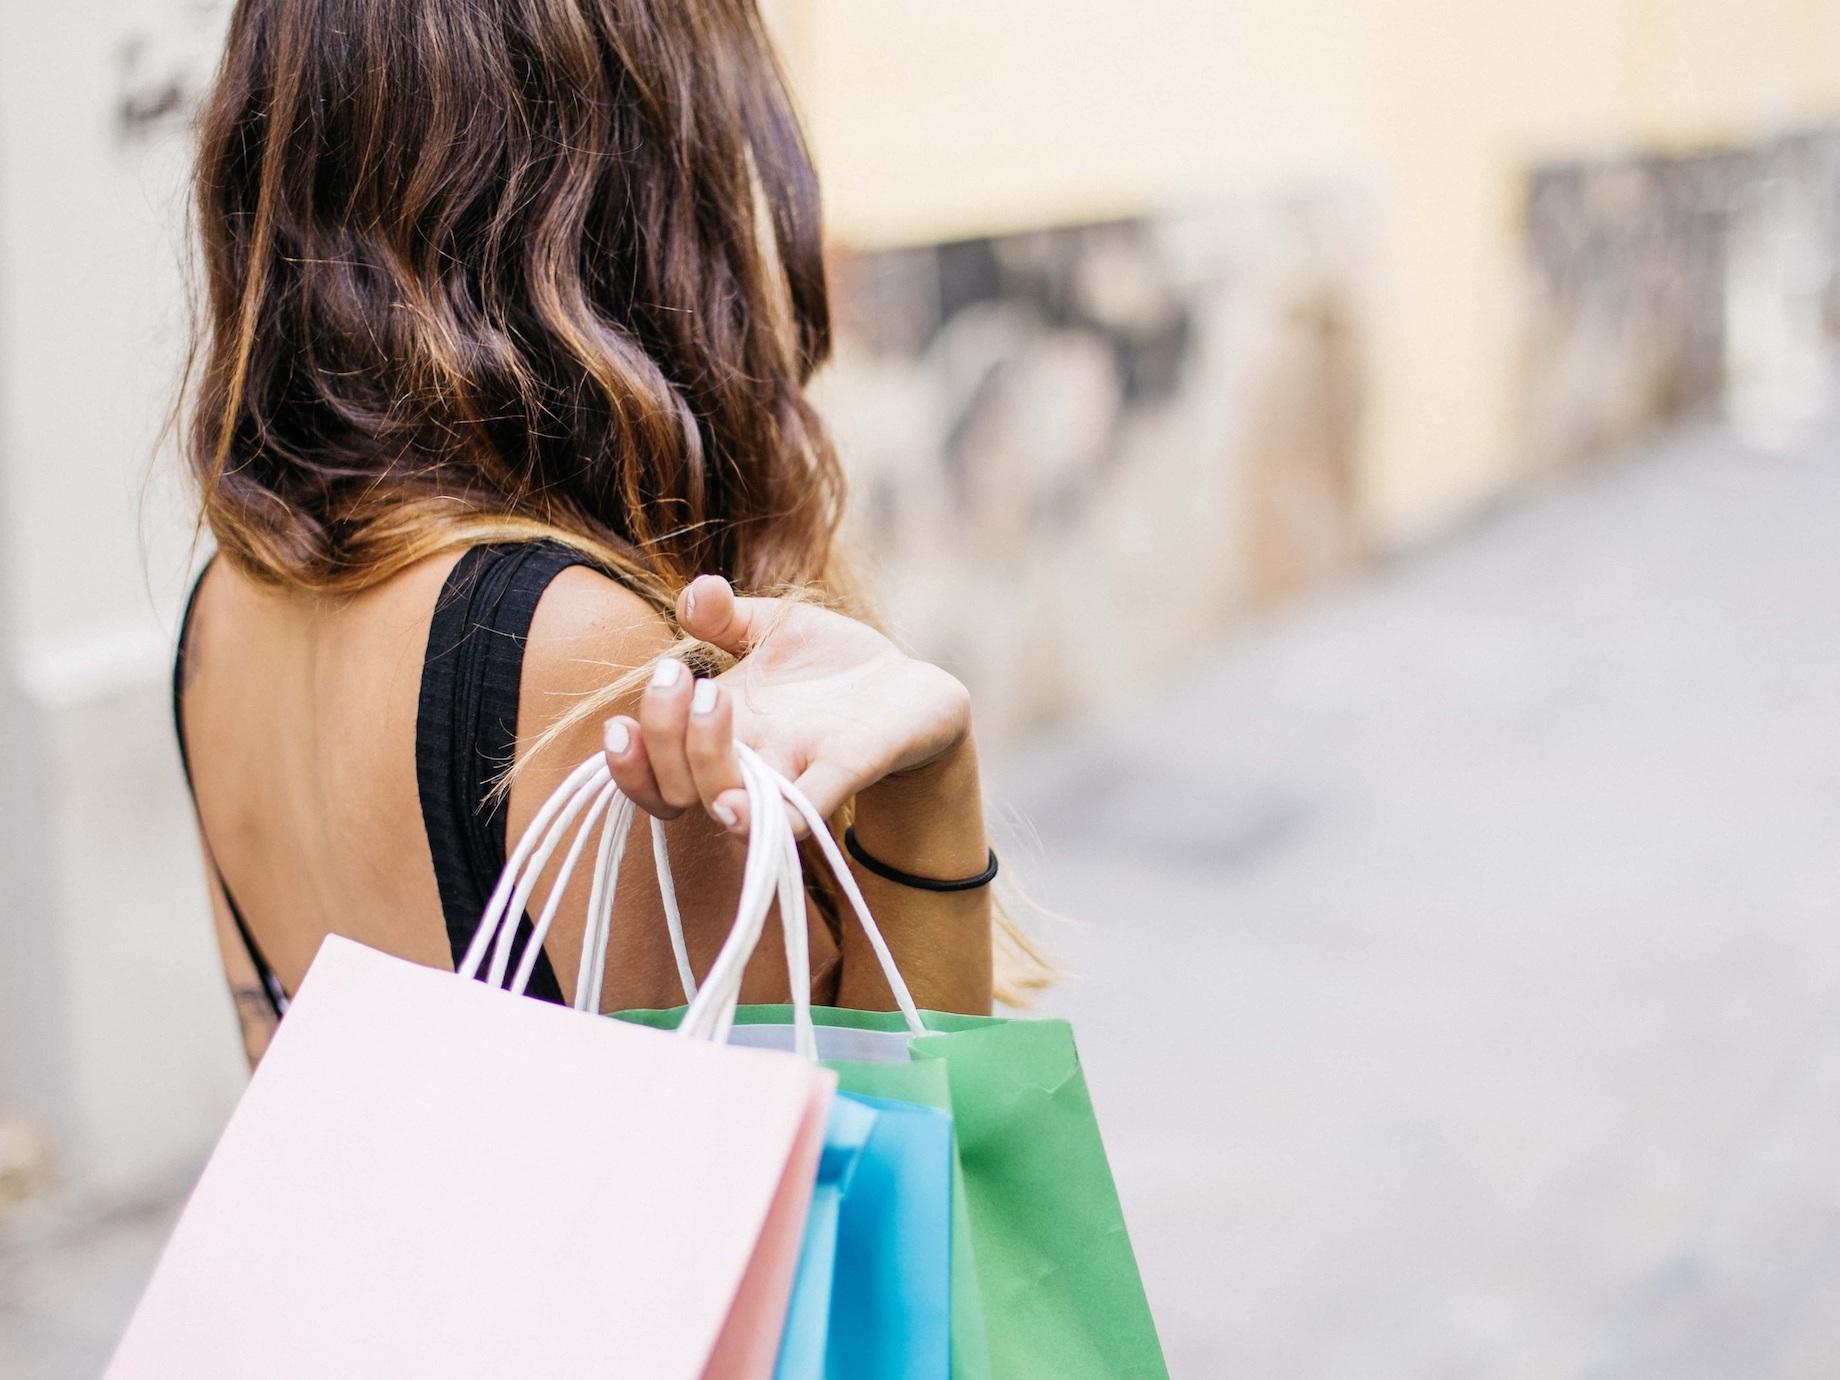 創造「情感連結」,培養忠實顧客!4種行銷方法,讓顧客愛上你的品牌